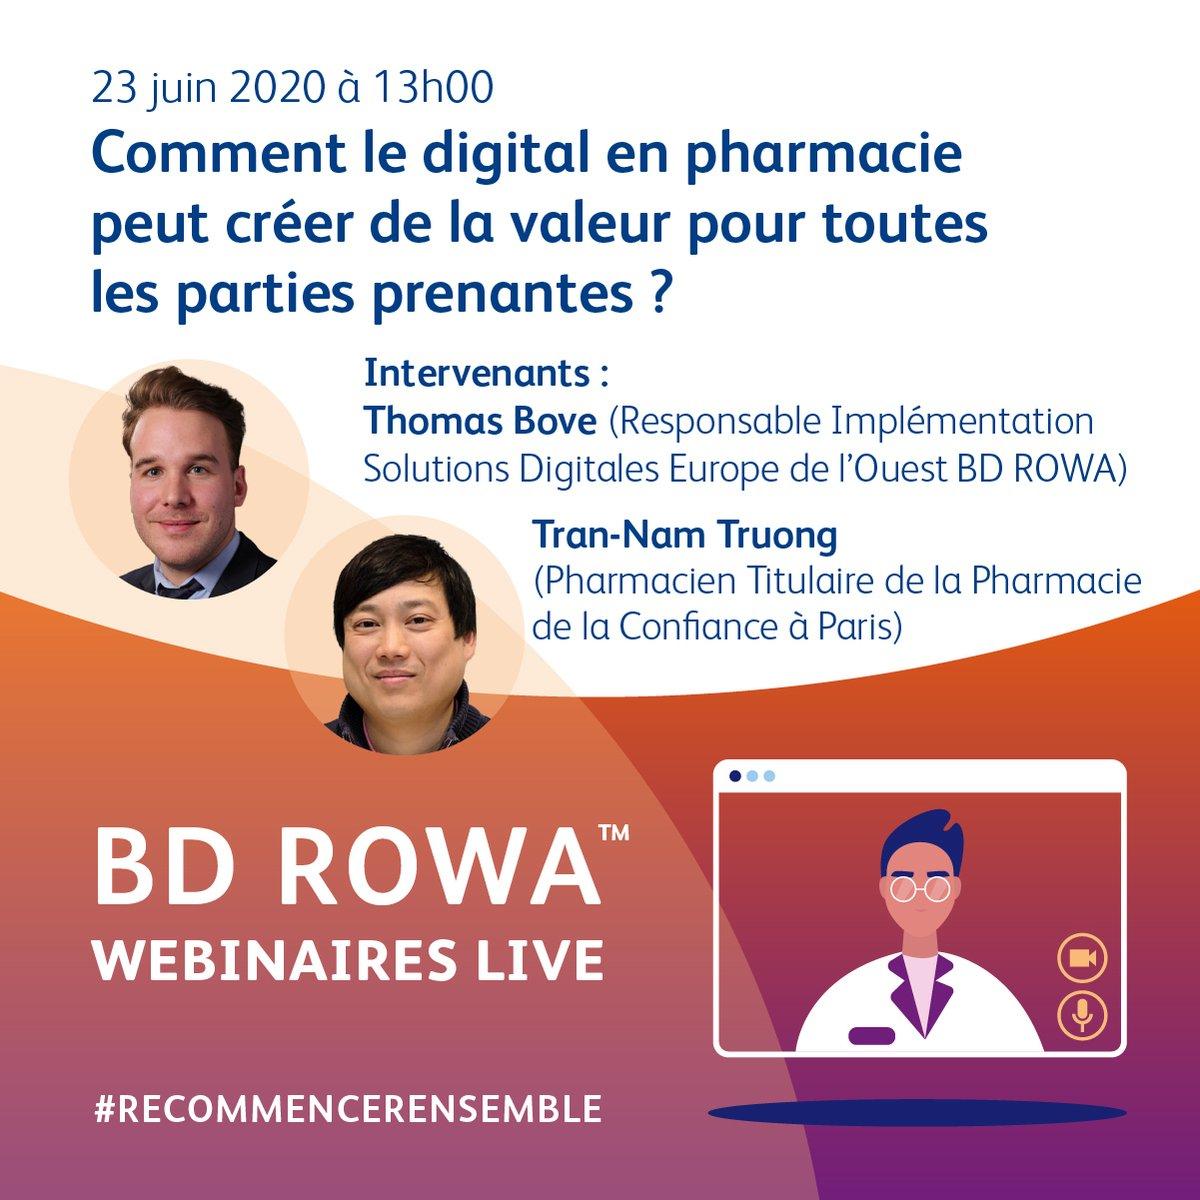 📣 BD ROWA Webinaires LIVE   MARDI 23 à 13h00   Inscription 👉🏼 https://t.co/97D8Kp5uW9  : Comment le digital en pharmacie peut créer de la valeur pour tous ? Avec Tran-Nam Truong (Pharmacie La Confiance) et Thomas Bove (BD Rowa). #bdrowawebinaires #innovationforpeople https://t.co/ouXyYvIJiw